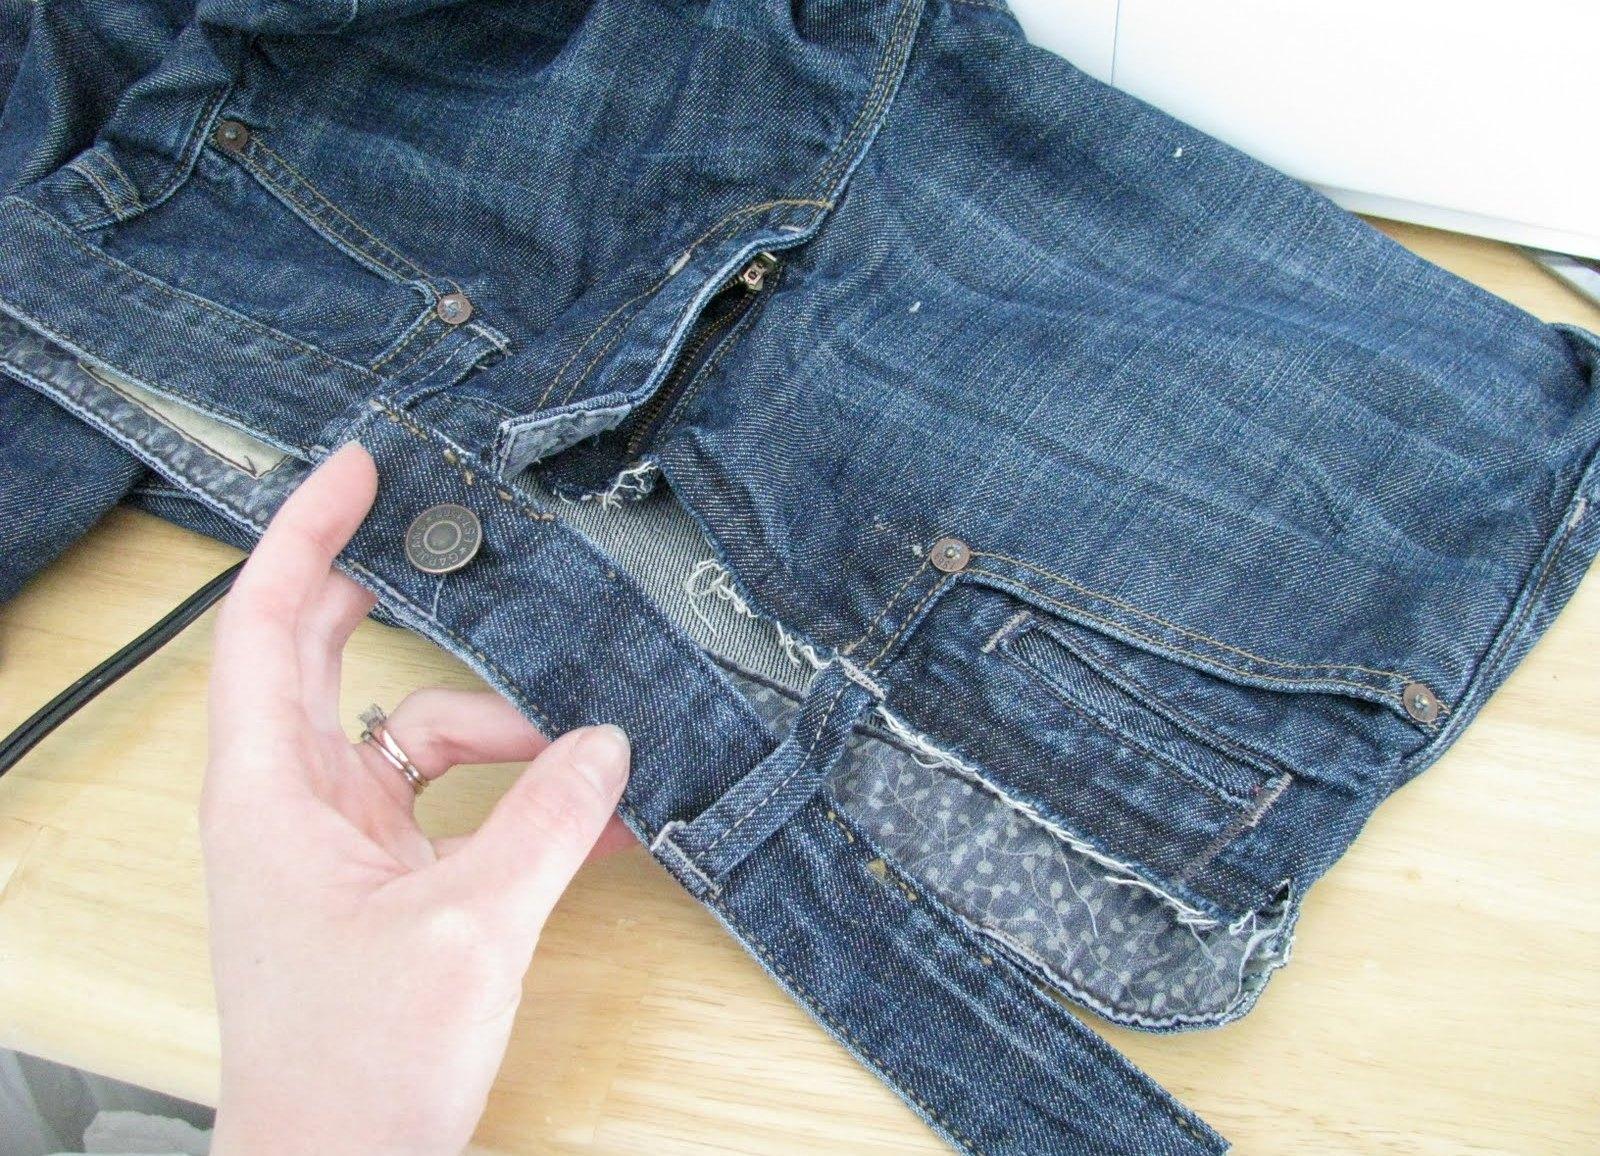 Мужские джинсы своими руками фото 98